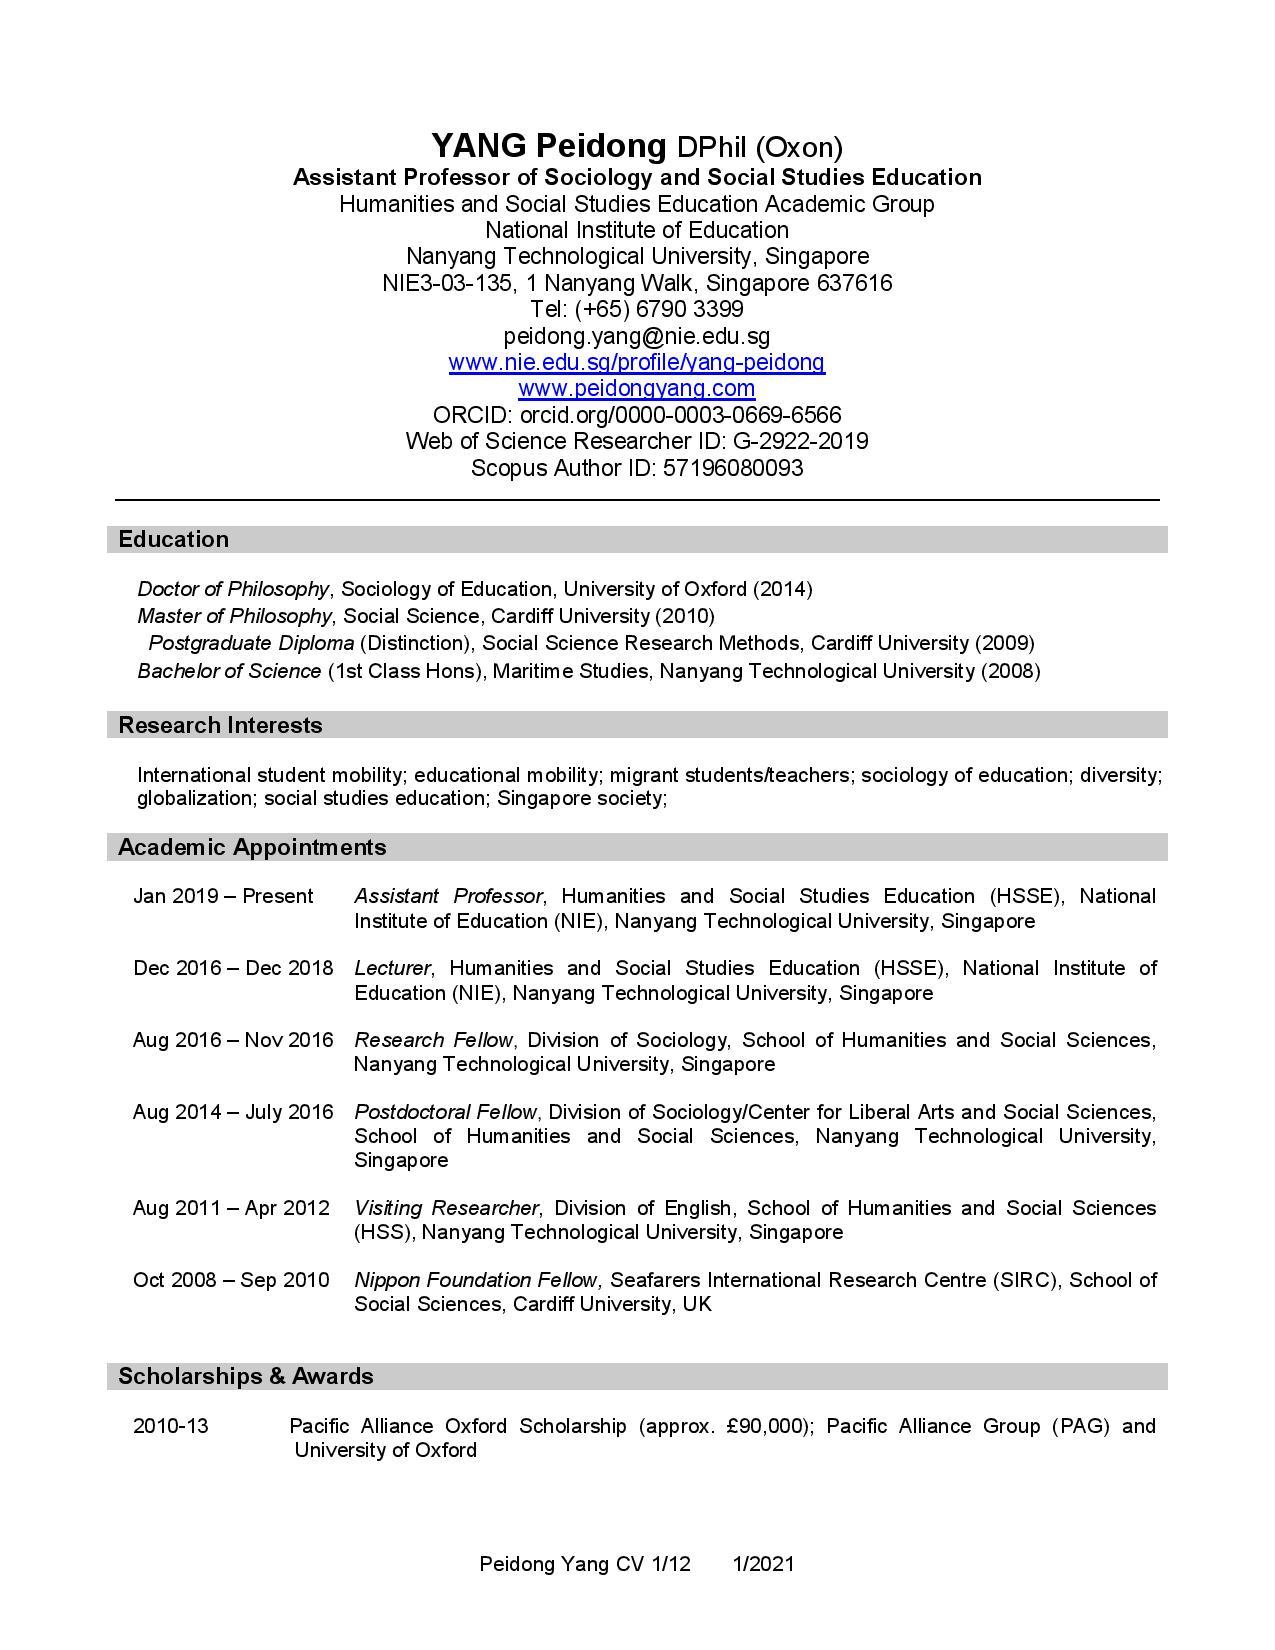 CV YANG Peidong_1.2021-page-001